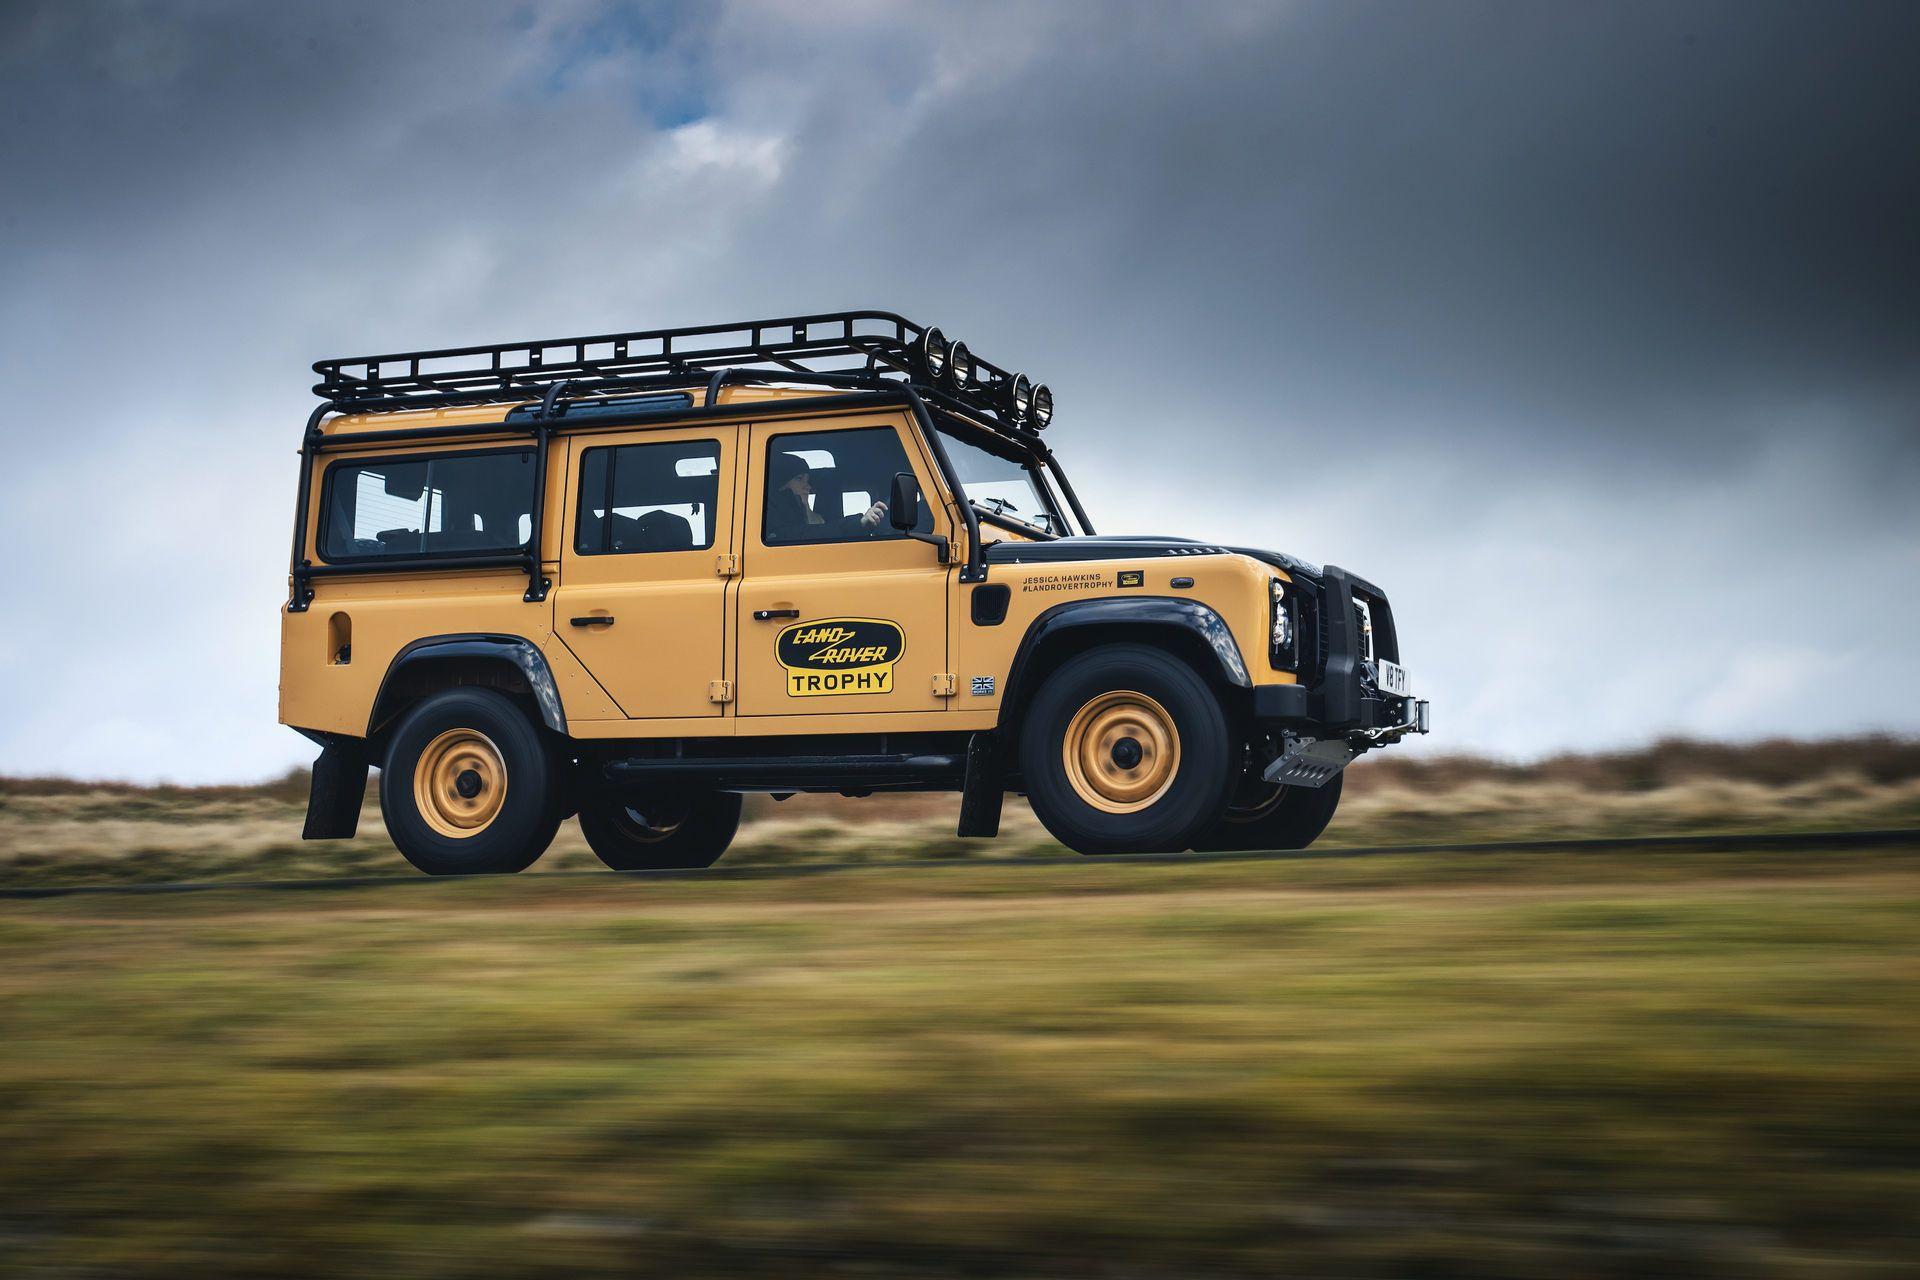 Land-Rover-Defender-Works-V8-Trophy-6